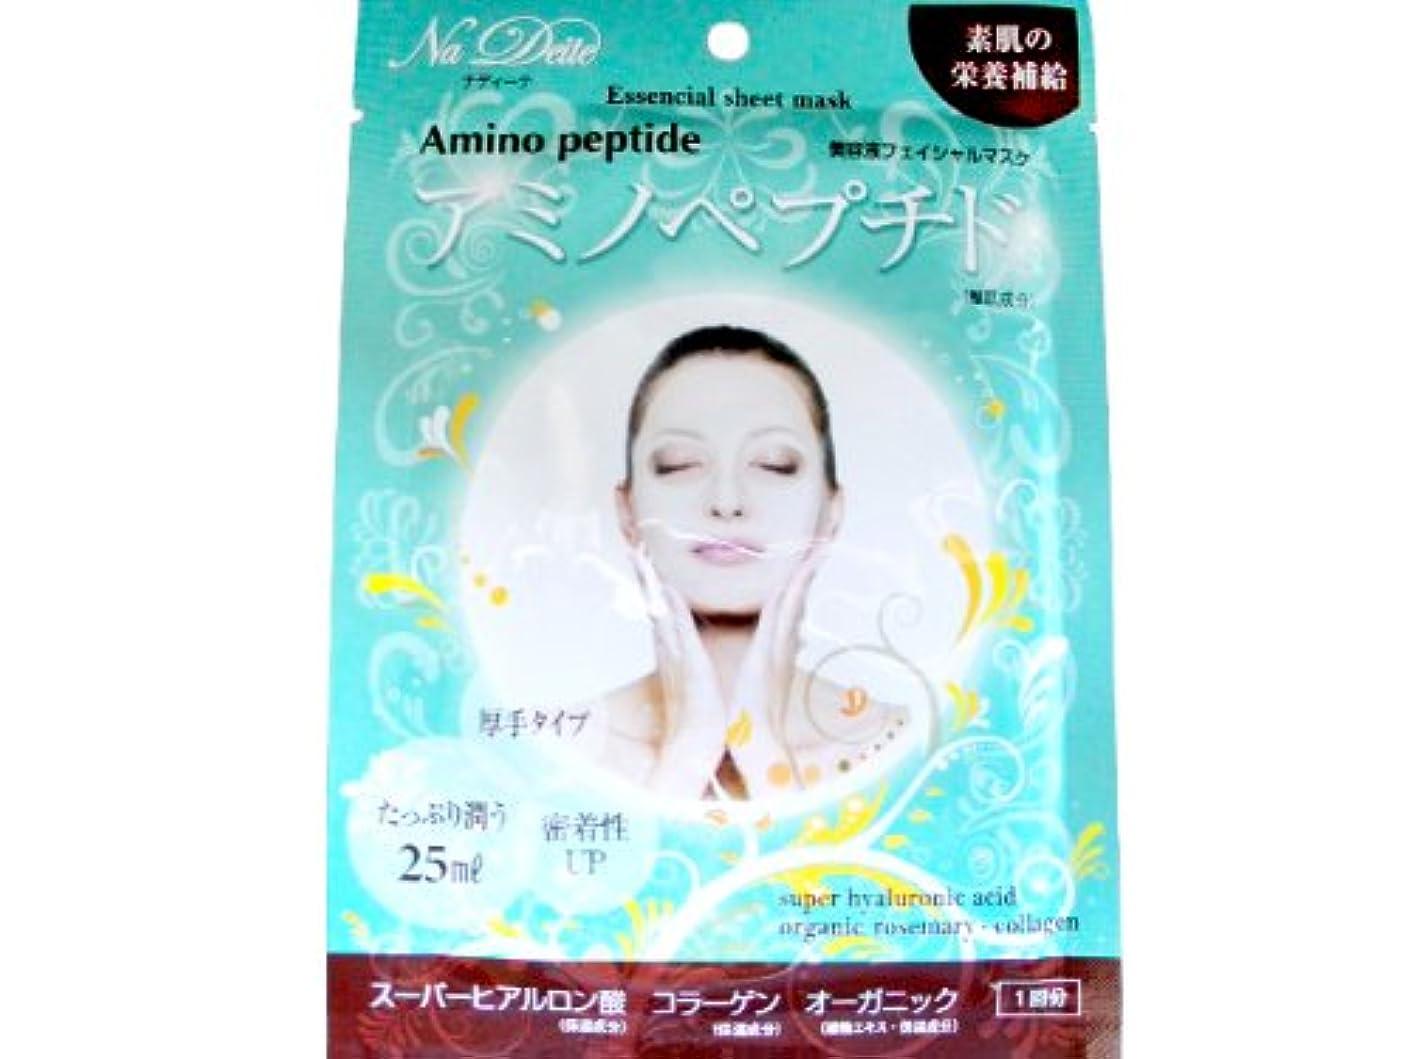 悪性腫瘍コピー銀ナディーテ シートマスク アミノペプチド 300枚セット